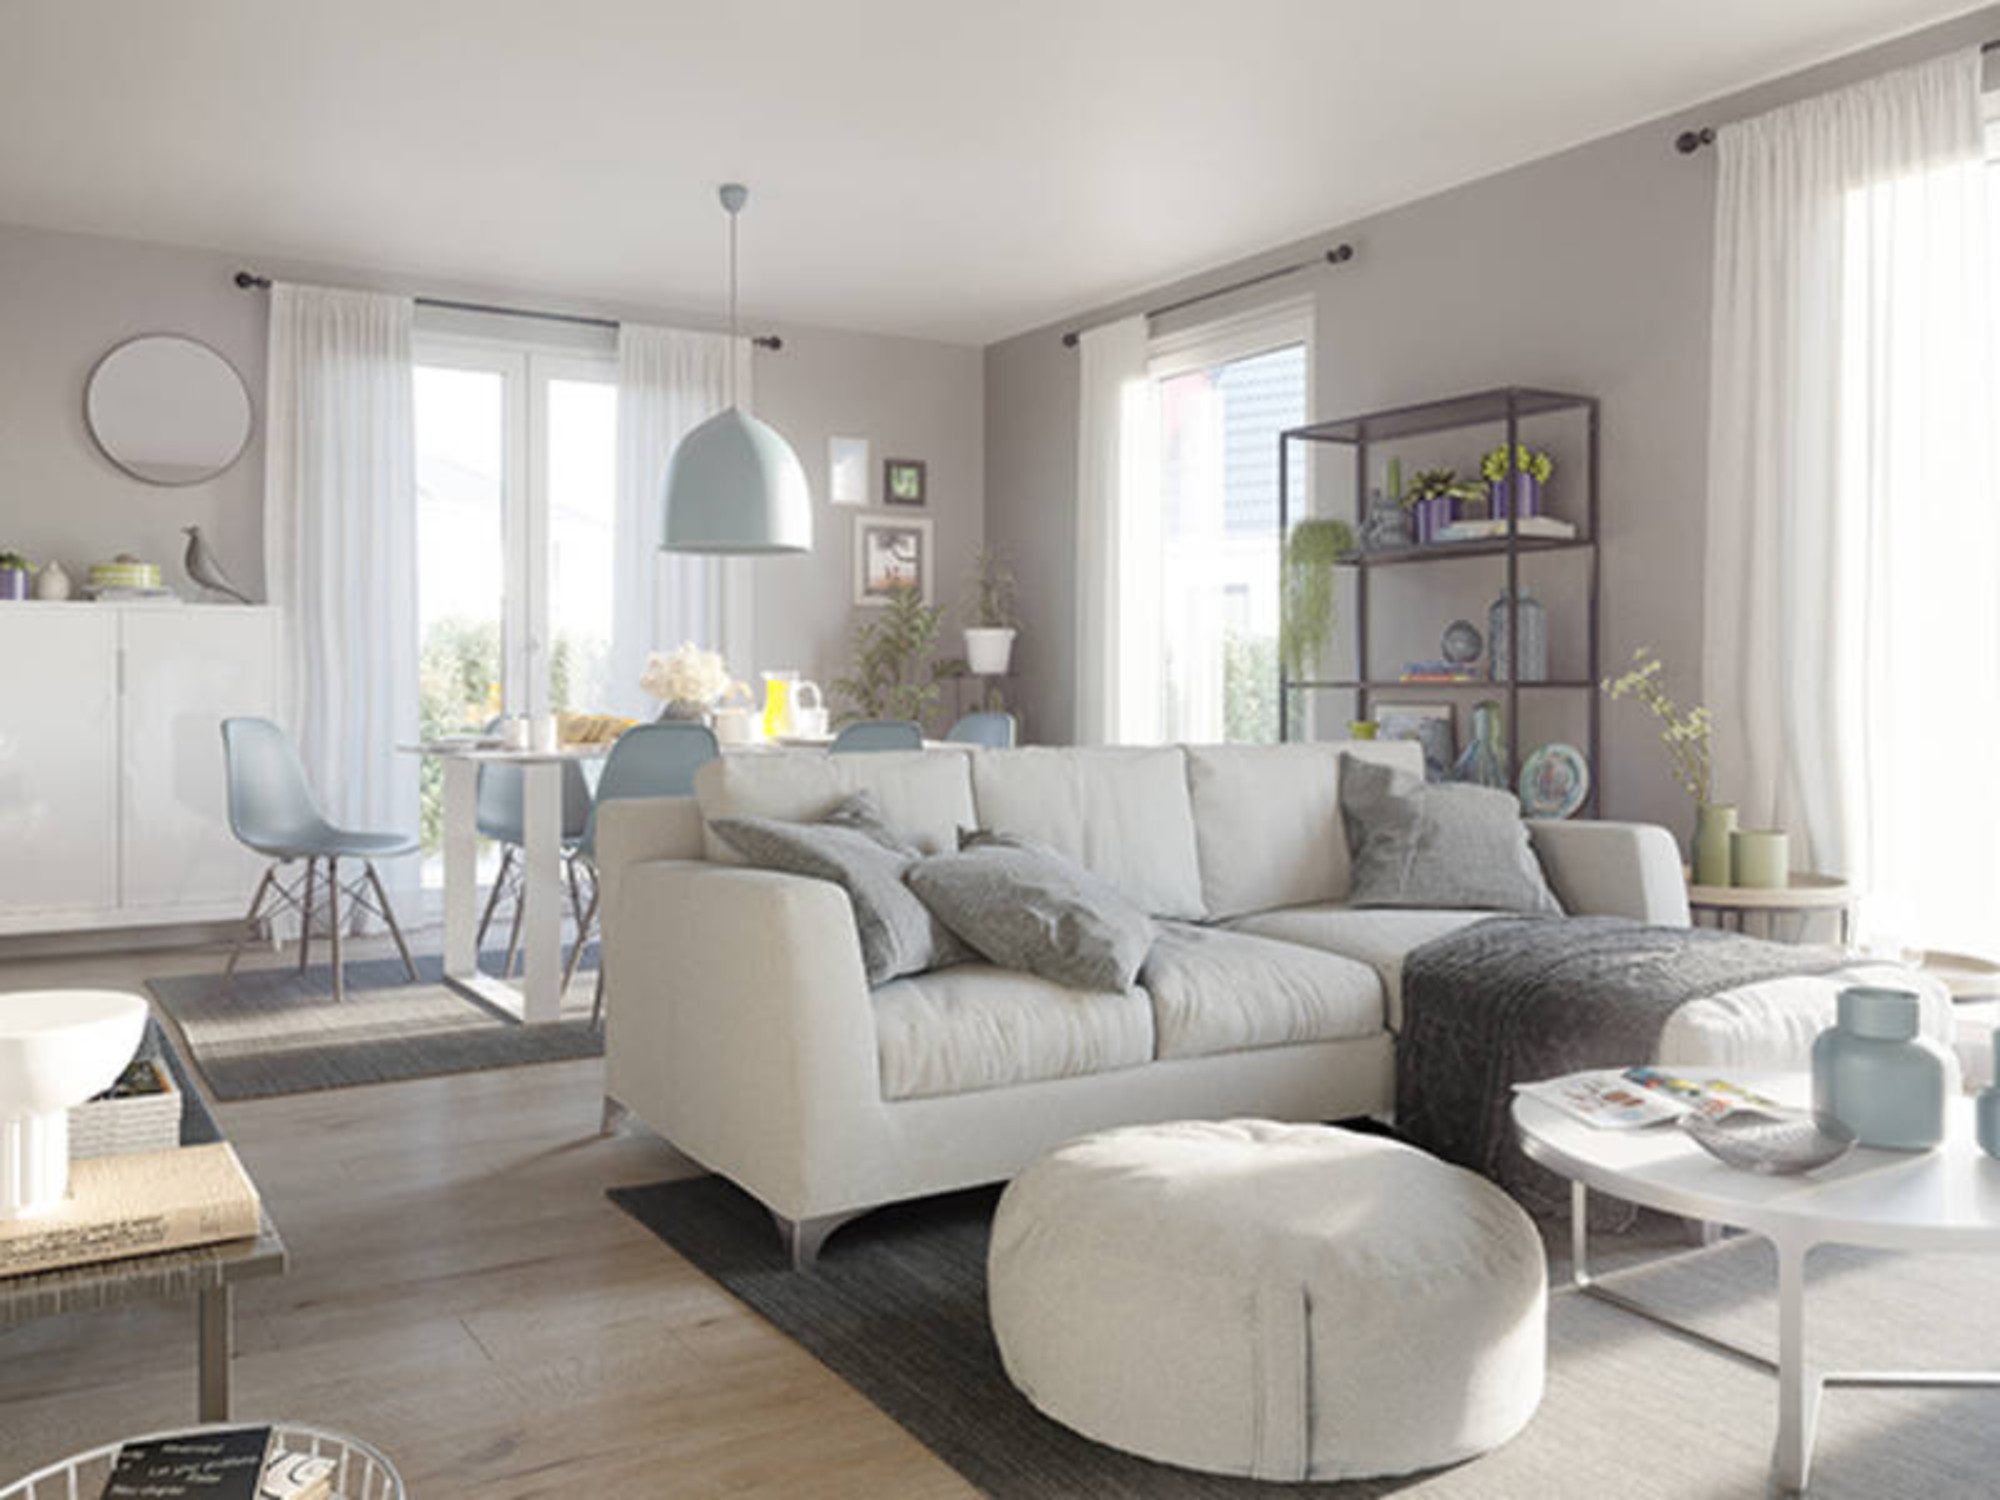 Wohntrends 17: Möbel, Farben und Muster zum Wohlfühlen